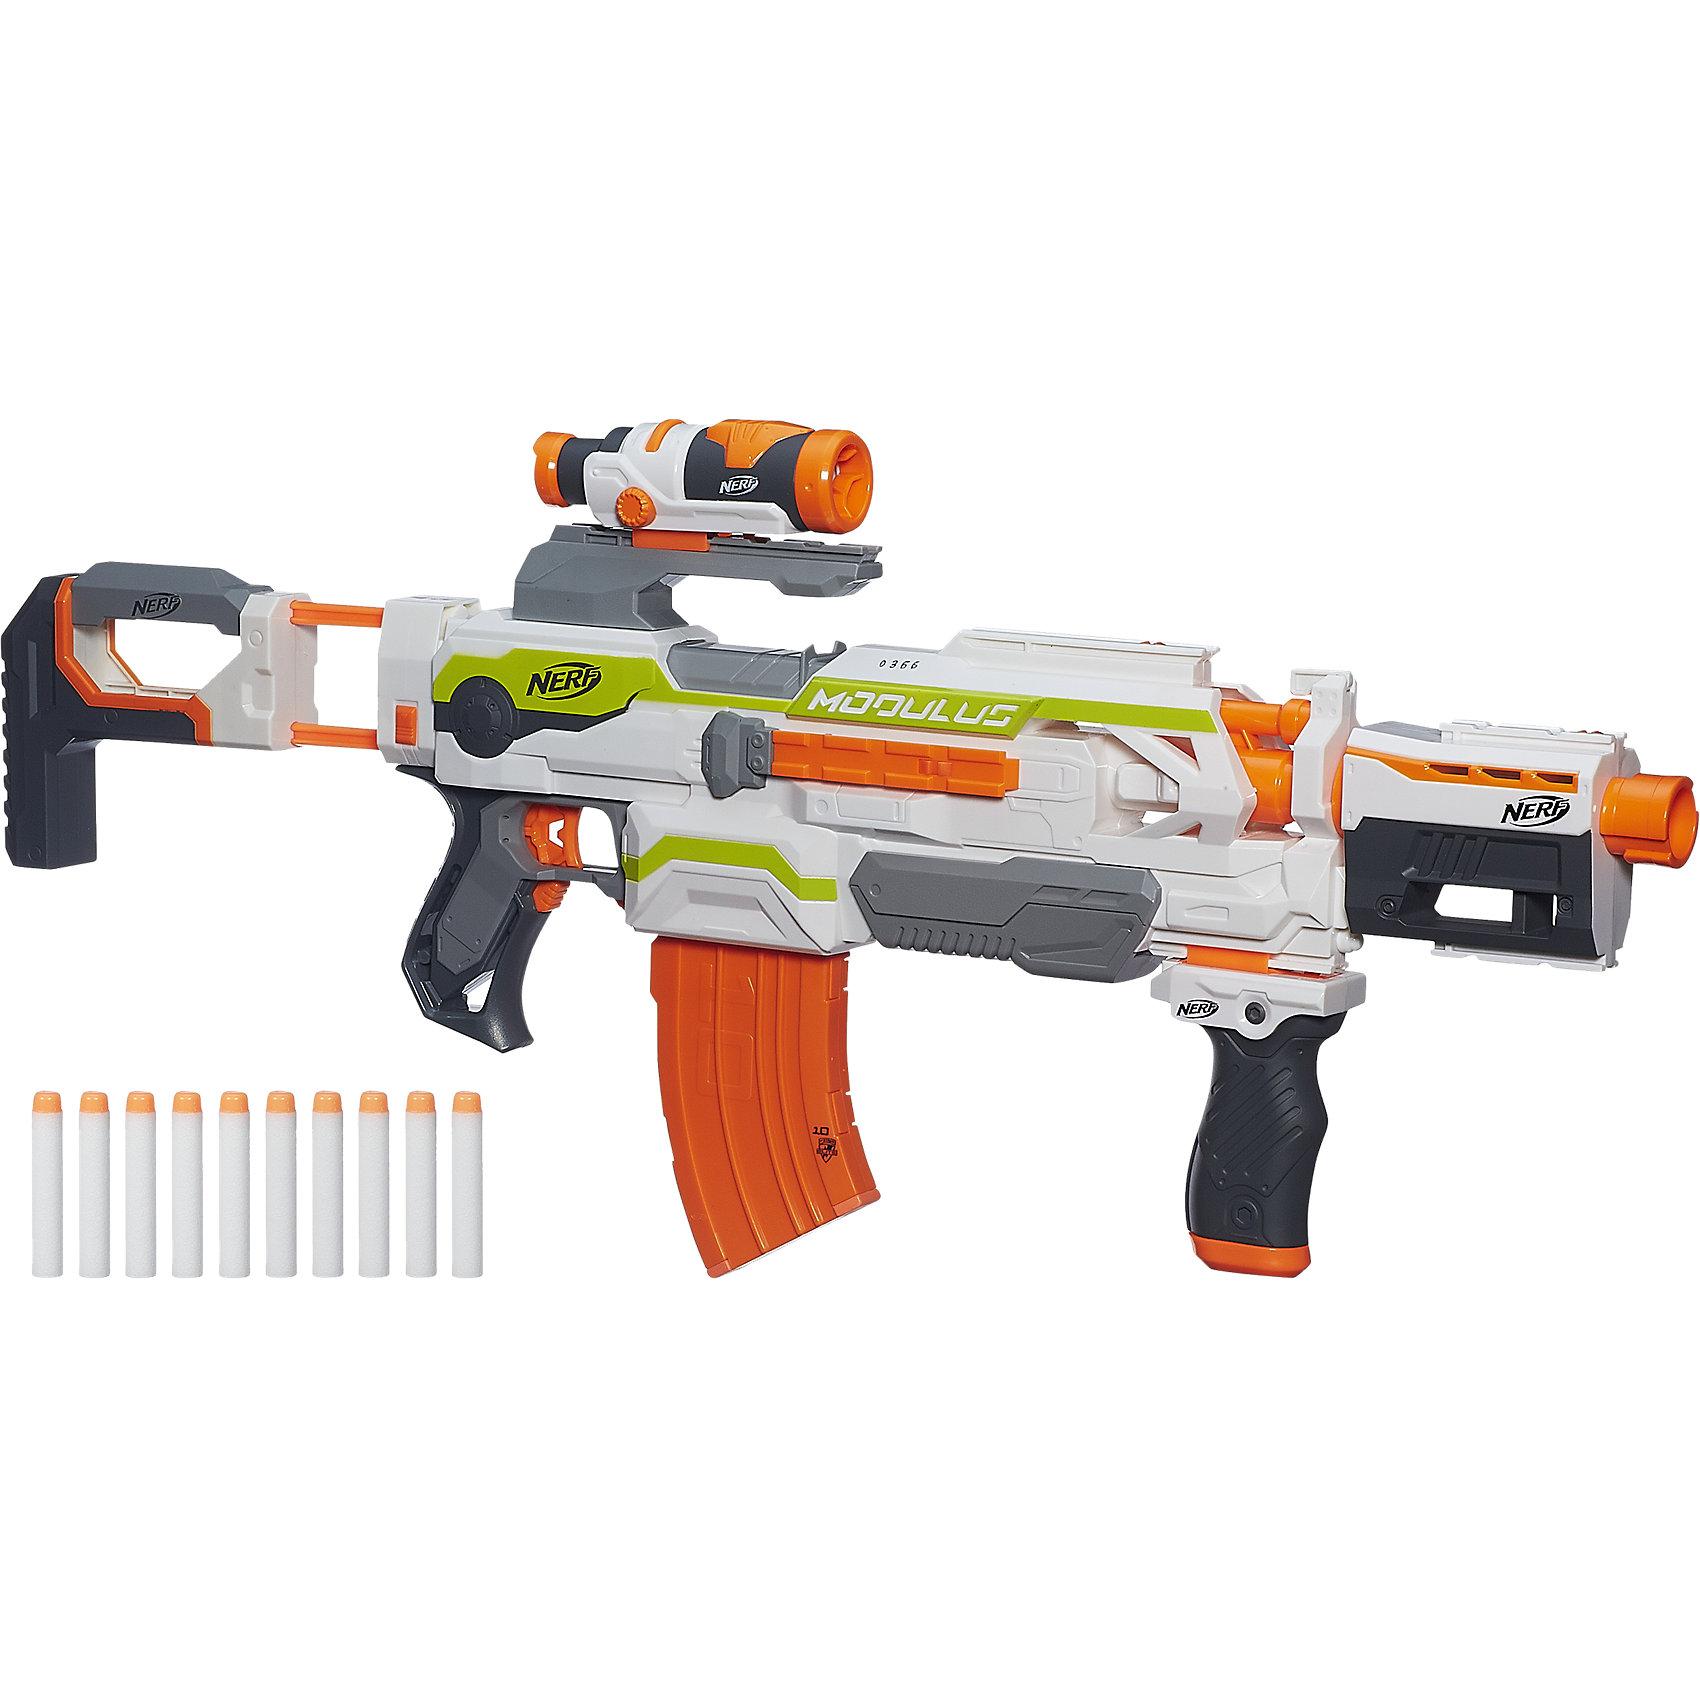 Бластер Модулус Экс-10, NERFСюжетно-ролевые игры<br>Модулос Бластер, NERF (Нерф) – это совершенно новый вид детского игрушечного оружия, который состоит из отдельных модулей. <br><br>Характеристики:<br>-Полностью автоматический <br>-Стреляет на расстояние до 28 метров<br>-8 рейлингов для установки апгрейдов (приобретаются отдельно)<br>-Автоматическая стрельба<br>-Оптический прицел<br>-Подставка-упор для стрельбы<br>-Насадка на дуло для больше точности<br>-Приклад<br>-Магазин на 10 стрел<br><br>Дополнительная информация:<br>-Материалы: пластик<br>-Артикул производителя: B1538<br><br>С Модулос Бластер от Нерф у тебя впереди множество часов удовольствия, наполненных энергией и спортивным азартом!<br><br>Модулос Бластер, NERF (Нерф) можно купить в нашем магазине.<br><br>Ширина мм: 756<br>Глубина мм: 383<br>Высота мм: 86<br>Вес г: 1958<br>Возраст от месяцев: 96<br>Возраст до месяцев: 144<br>Пол: Мужской<br>Возраст: Детский<br>SKU: 4156393